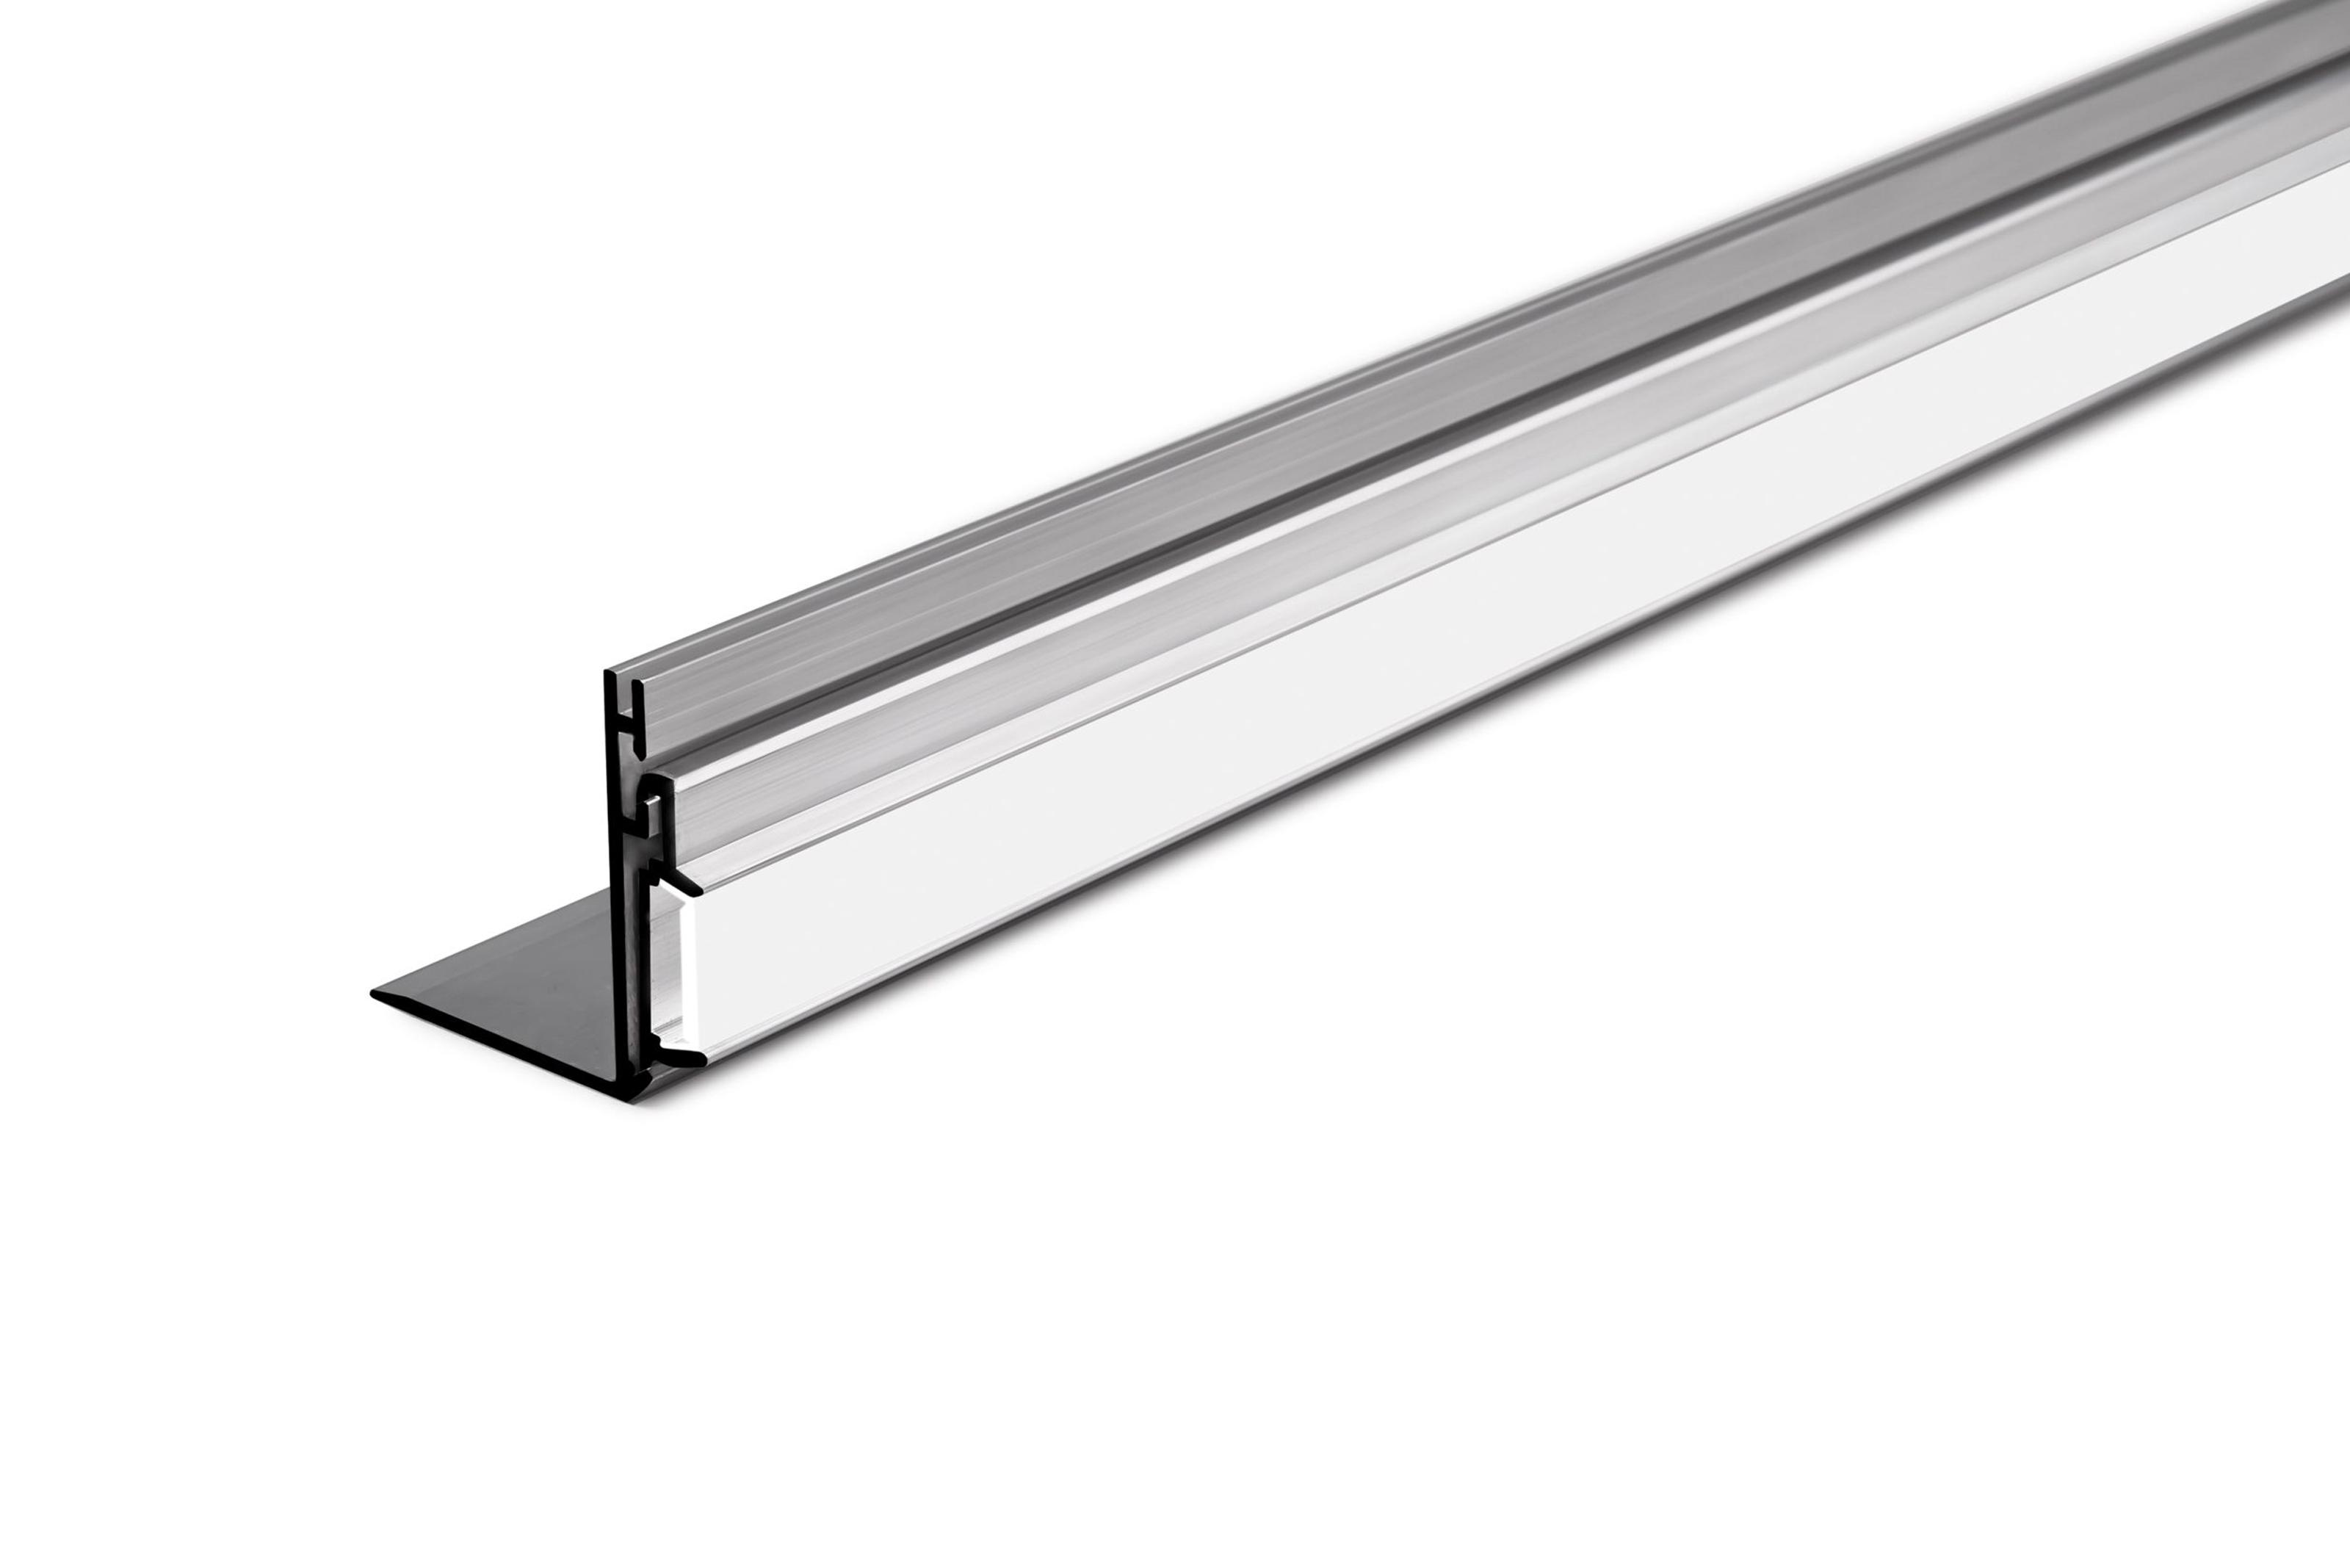 lightline-cala-n-1-mj-lighting-v2